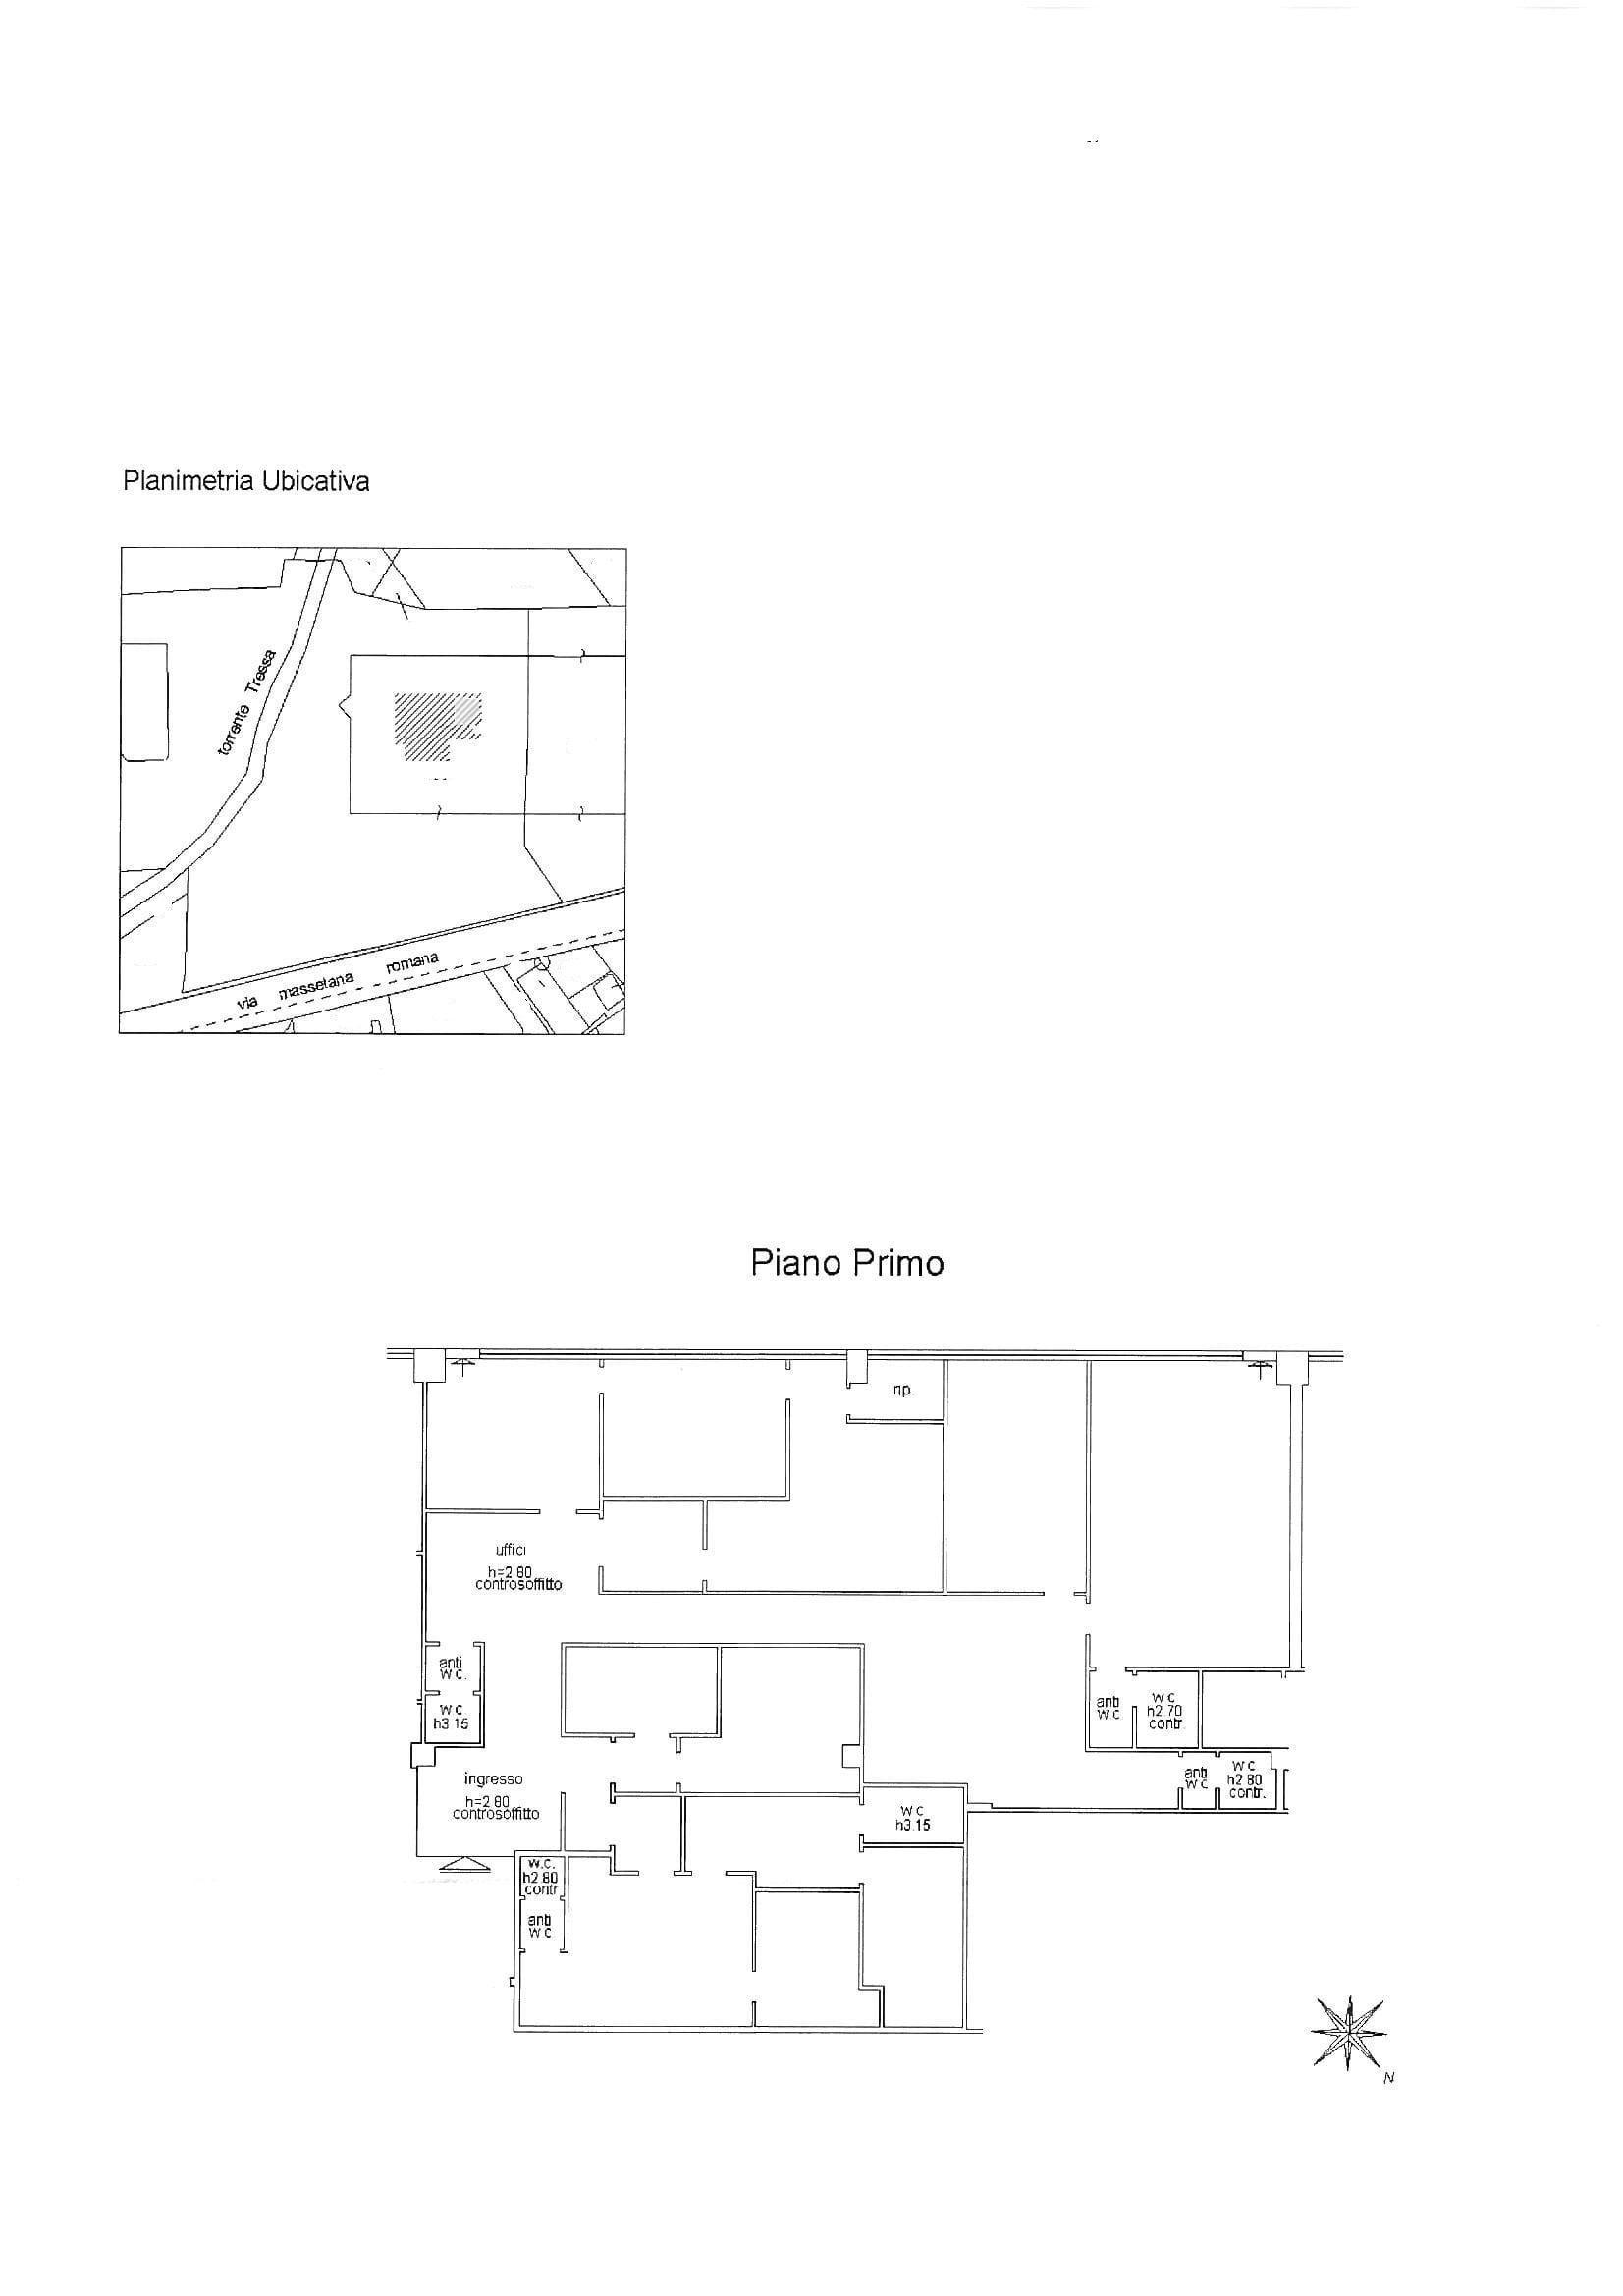 Ufficio in affitto commerciale, rif. C54 (Planimetria 1/1)